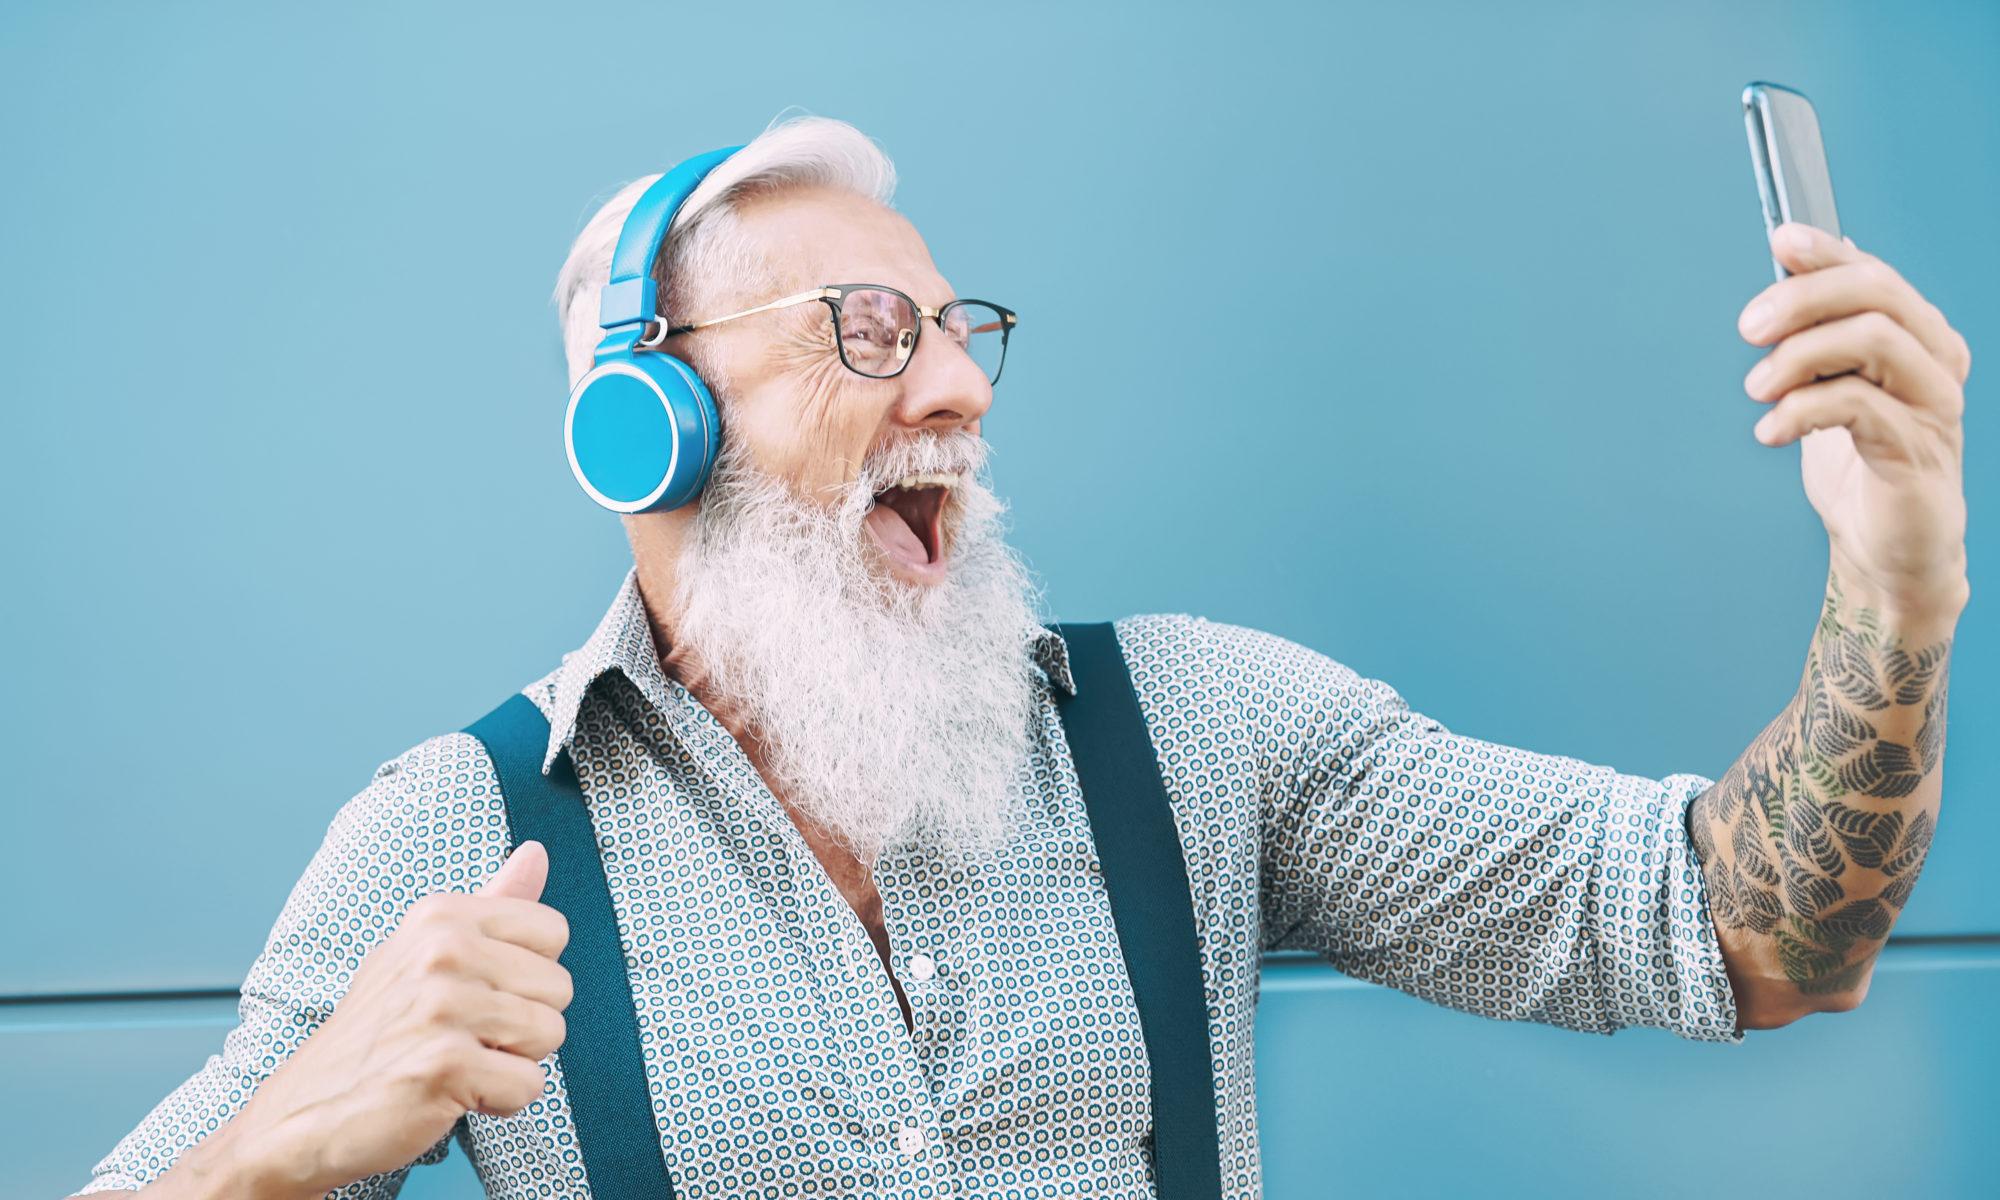 Starszy człowiek z brodą i tatuażem i błękitnymi słuchawkami na uszach